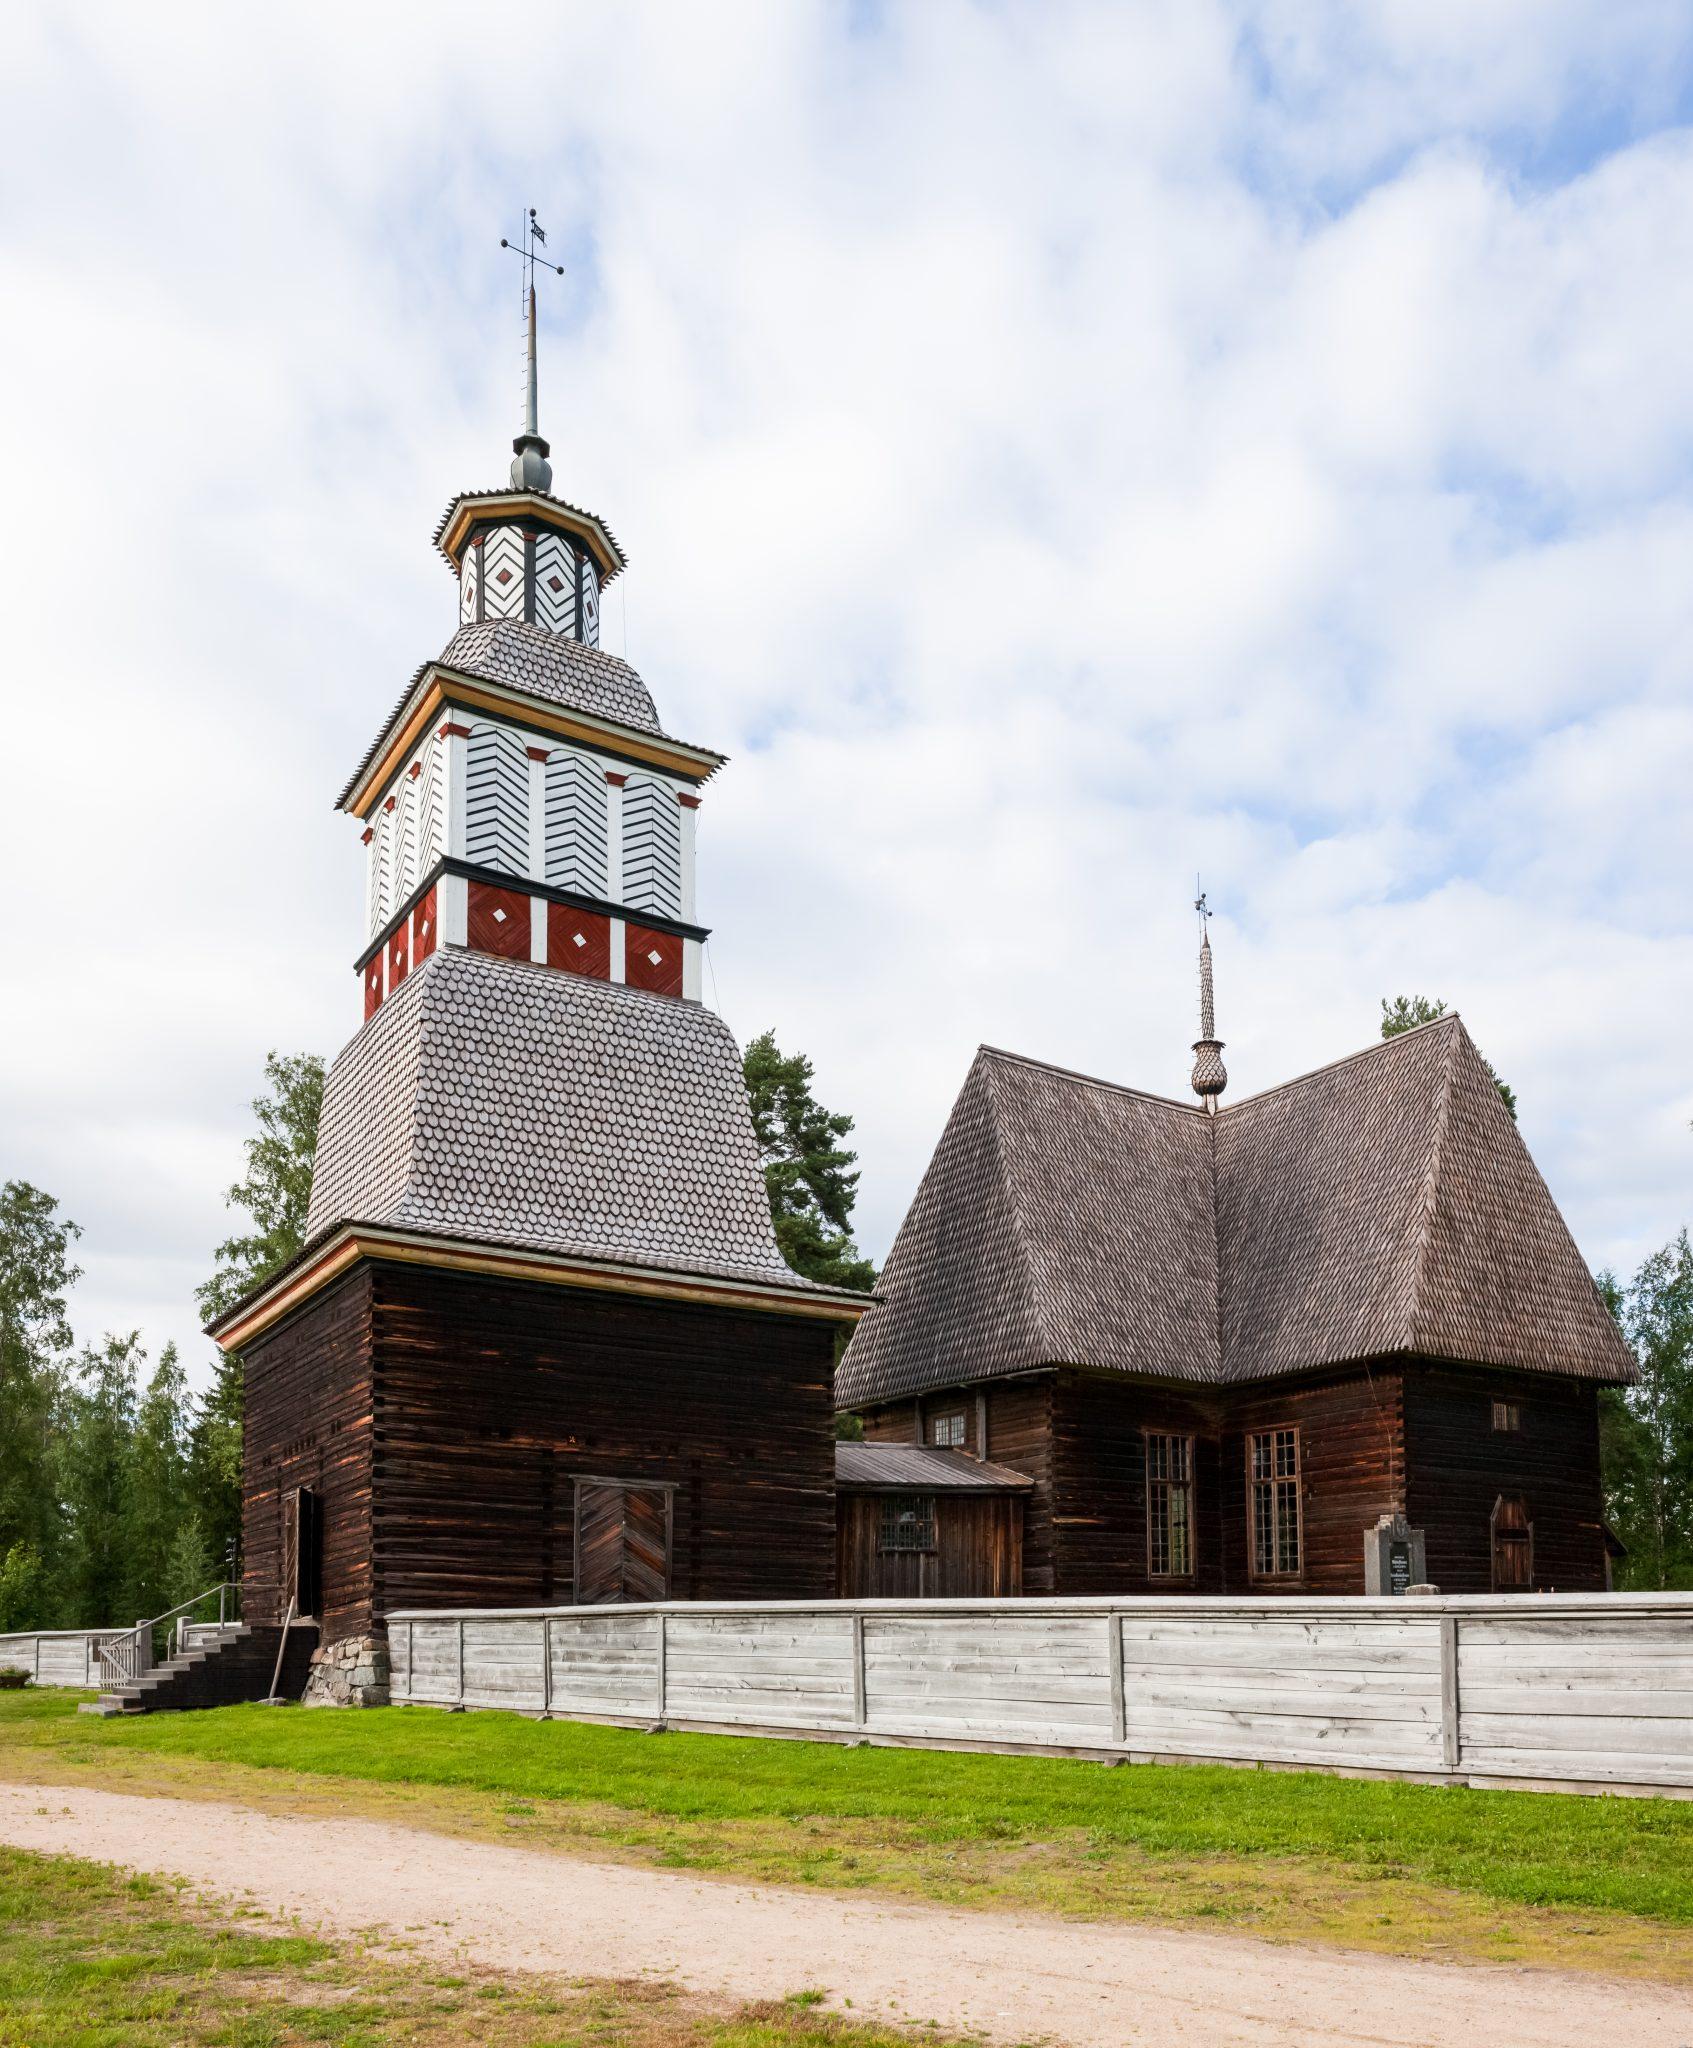 Petäjäveden vanha kirkko. Tumma ja korkea vanha puukirkko seisoo vasten sinistä taivasta.